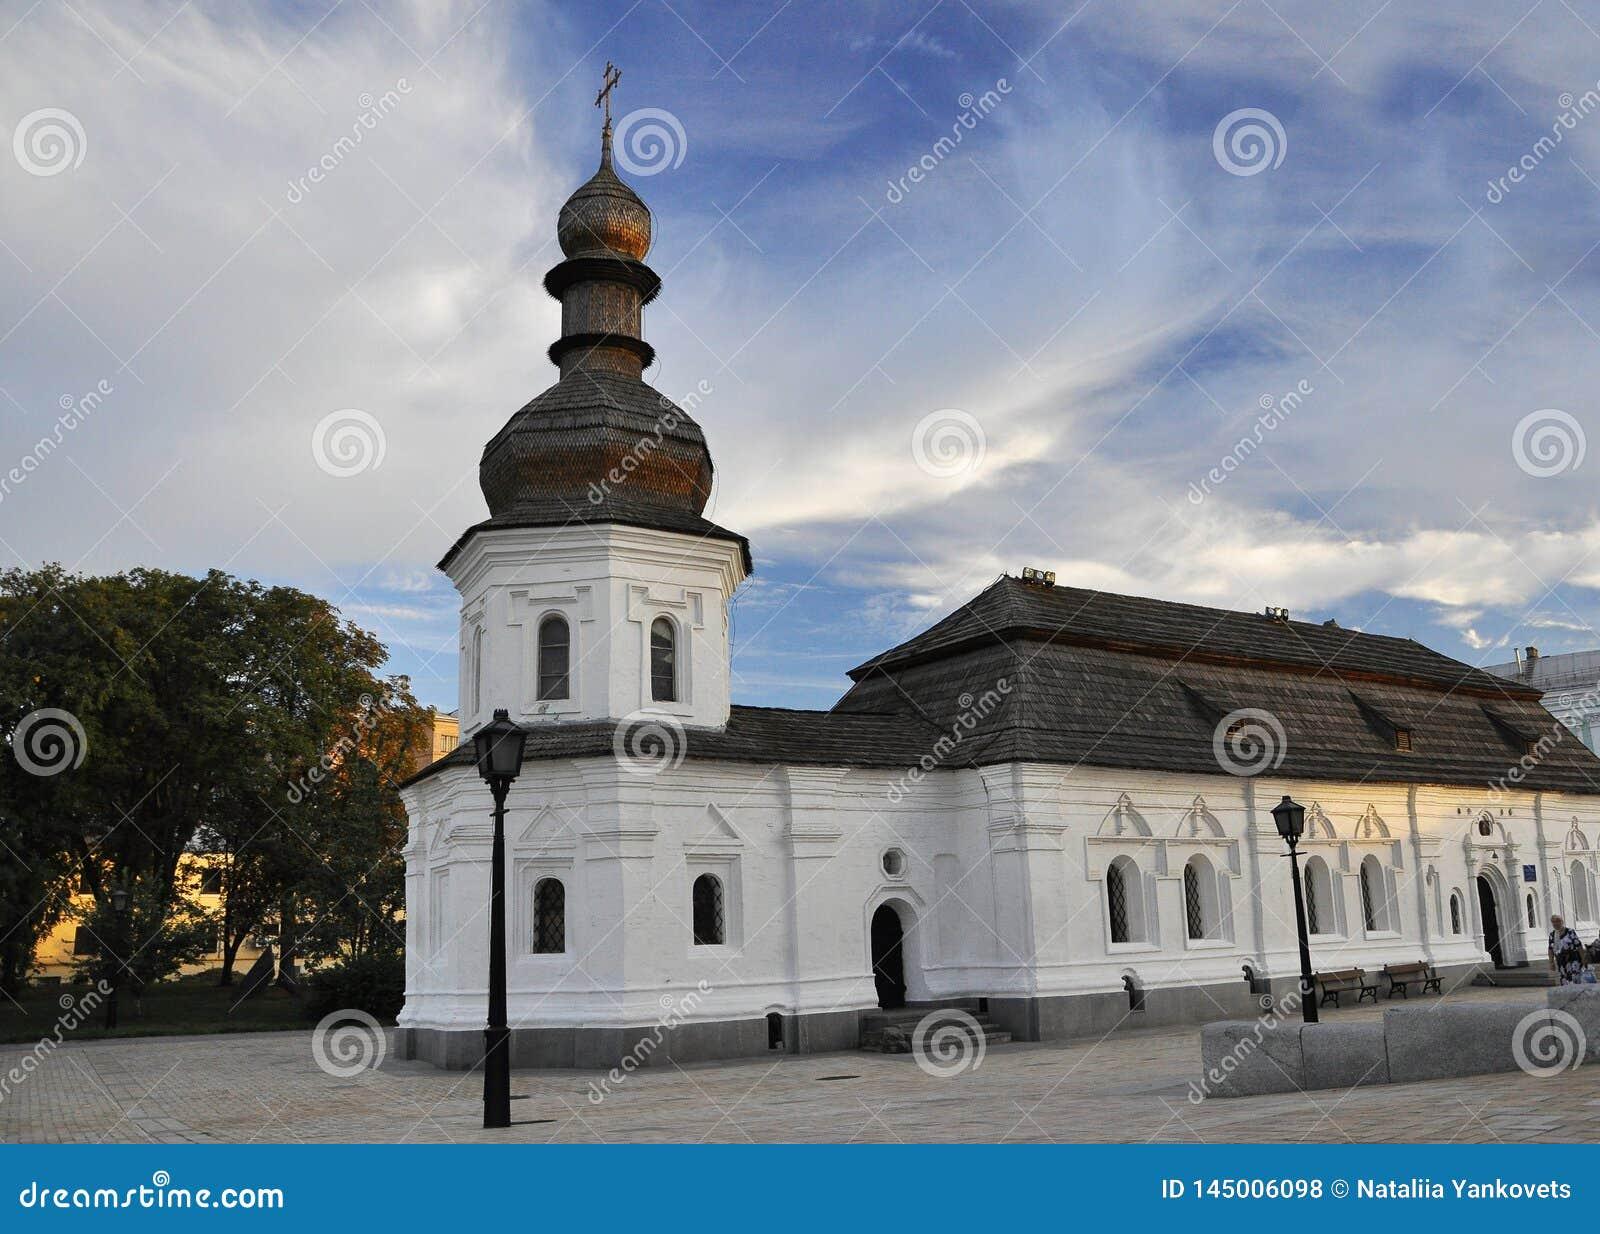 12 de setembro de 2010 - arquitetura hist?rica antiga no centro de Kiev contra o c?u azul com nuvens brancas